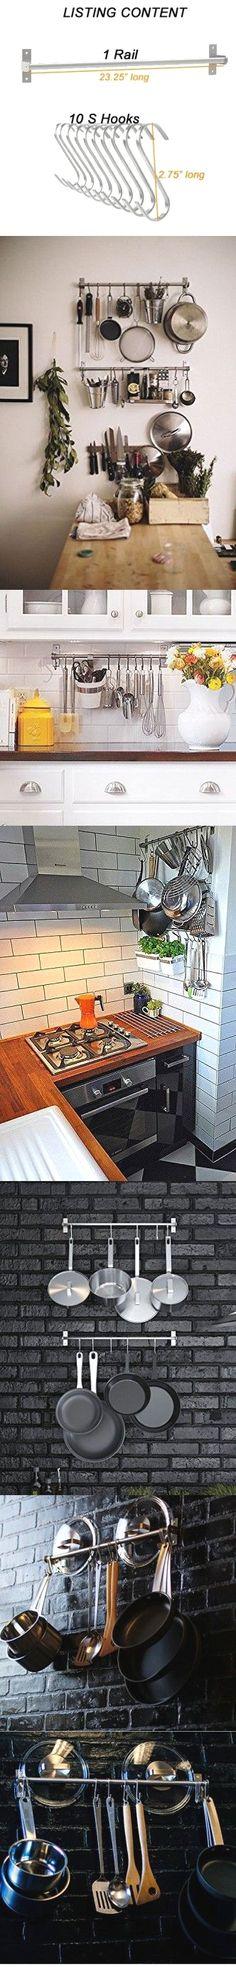 #homedecor #kitchens #KitchenLayout